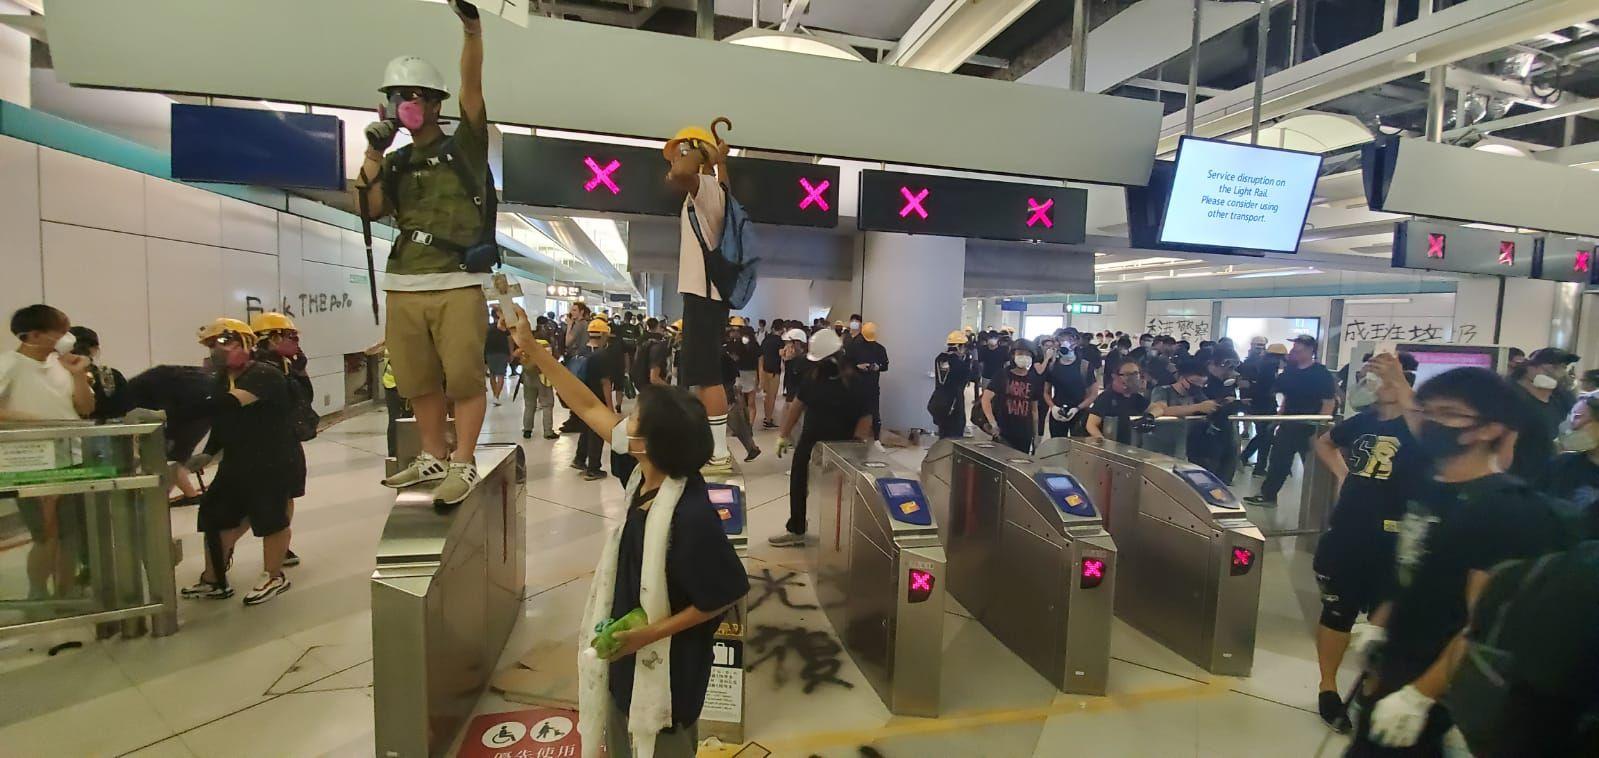 【元朗暴力】示威者西鐵站內築防線及噴滅火筒 警方:使用最低武力驅散